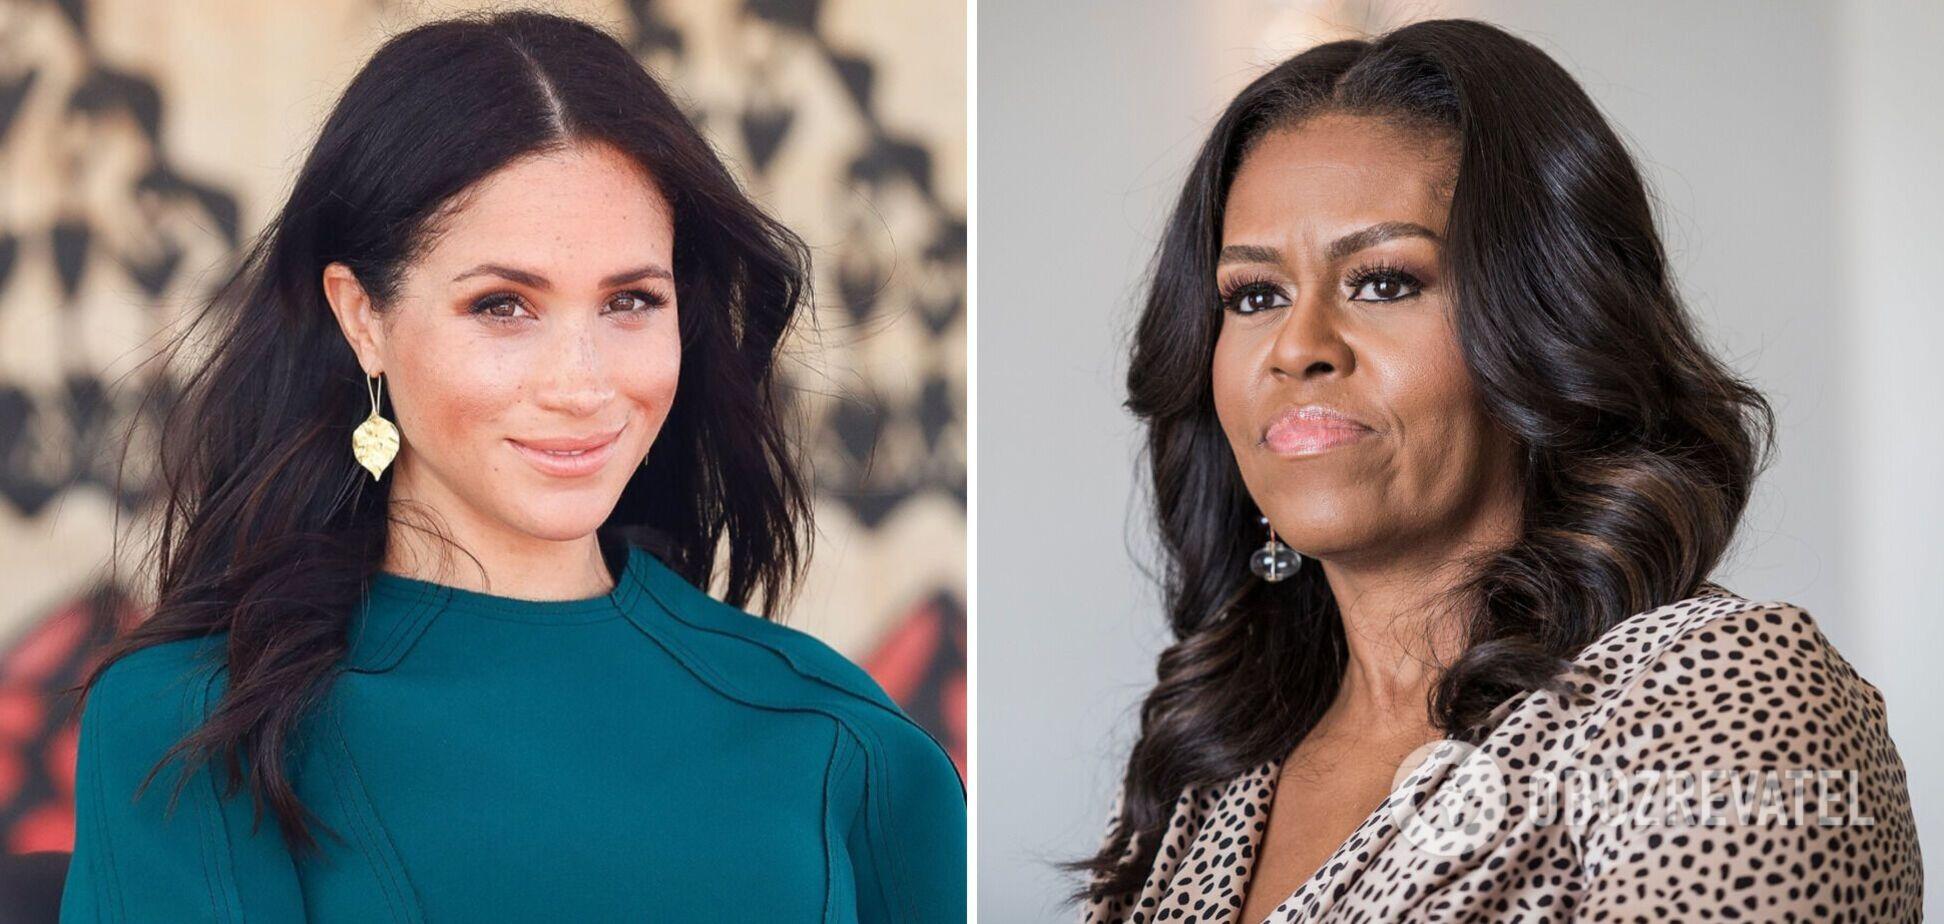 Мишель Обама прокомментировала интервью Меган Маркл и принца Гарри